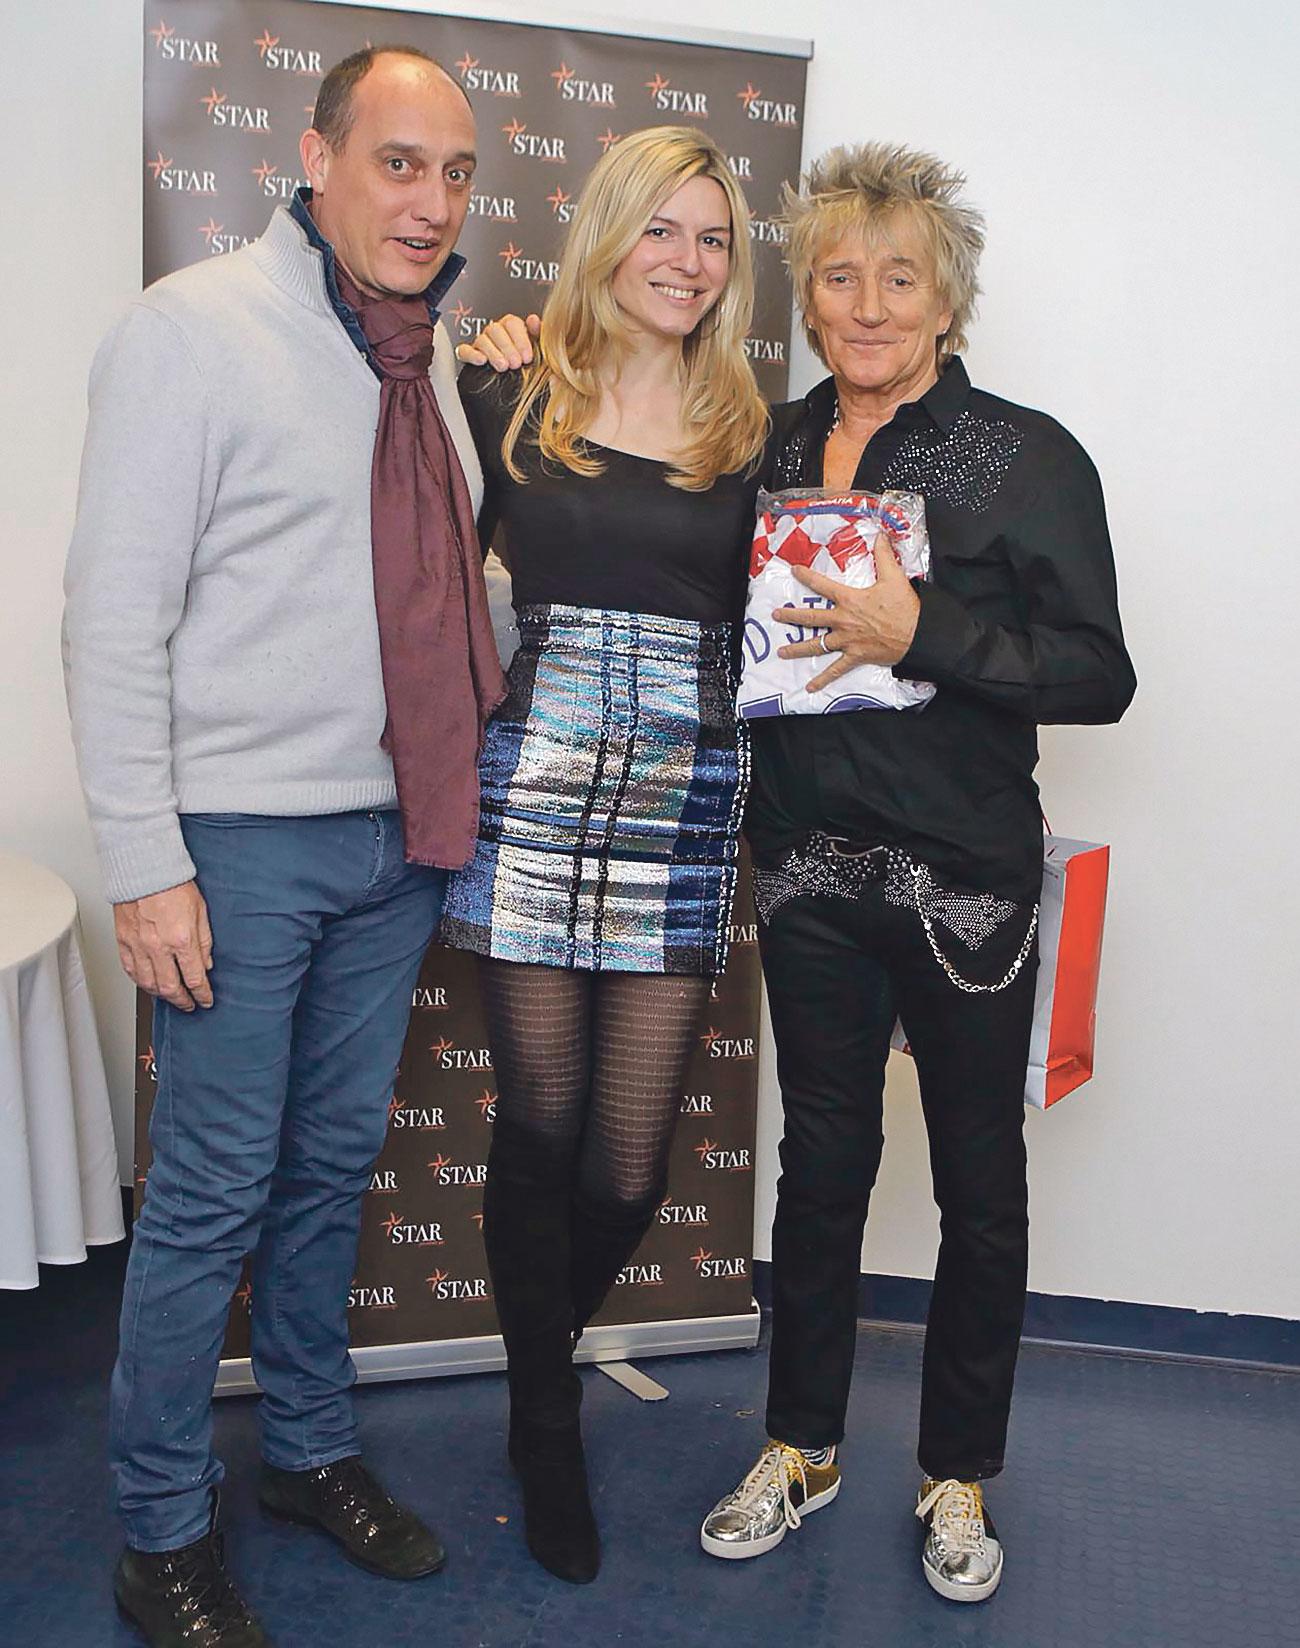 David Blanquart i Ana Muhar Blanquart zajedno su darovali hrvatski dres pjevaču Rodu Stewartu, osvjedočenom ljubitelju nogometa